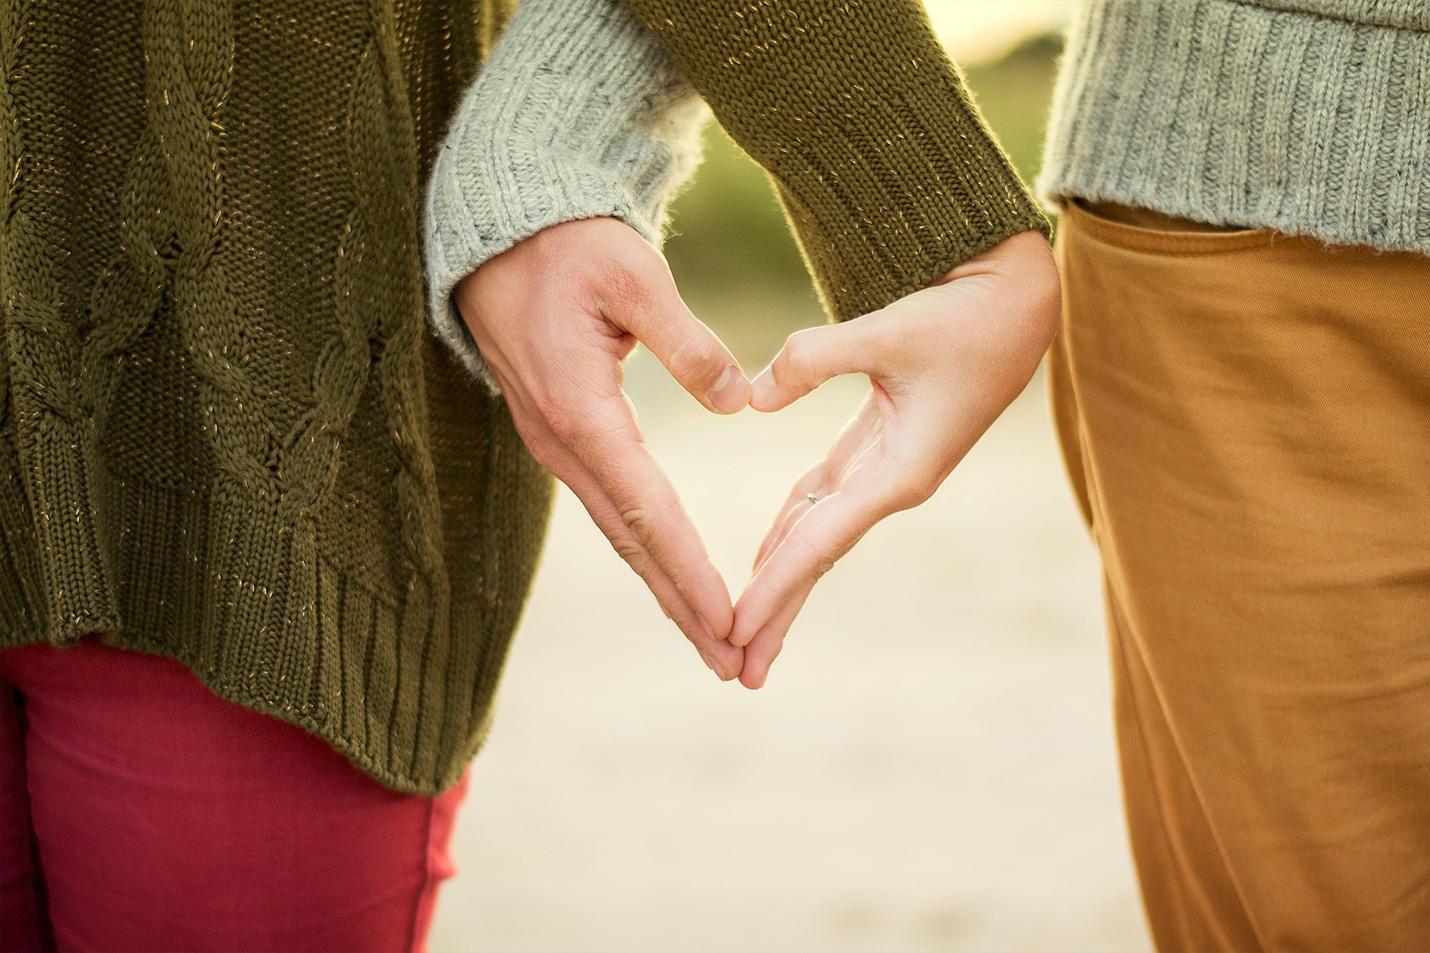 Chỉ 56% giới trẻ cảm thấy mình có quyền tự do yêu thương - Ảnh 1.